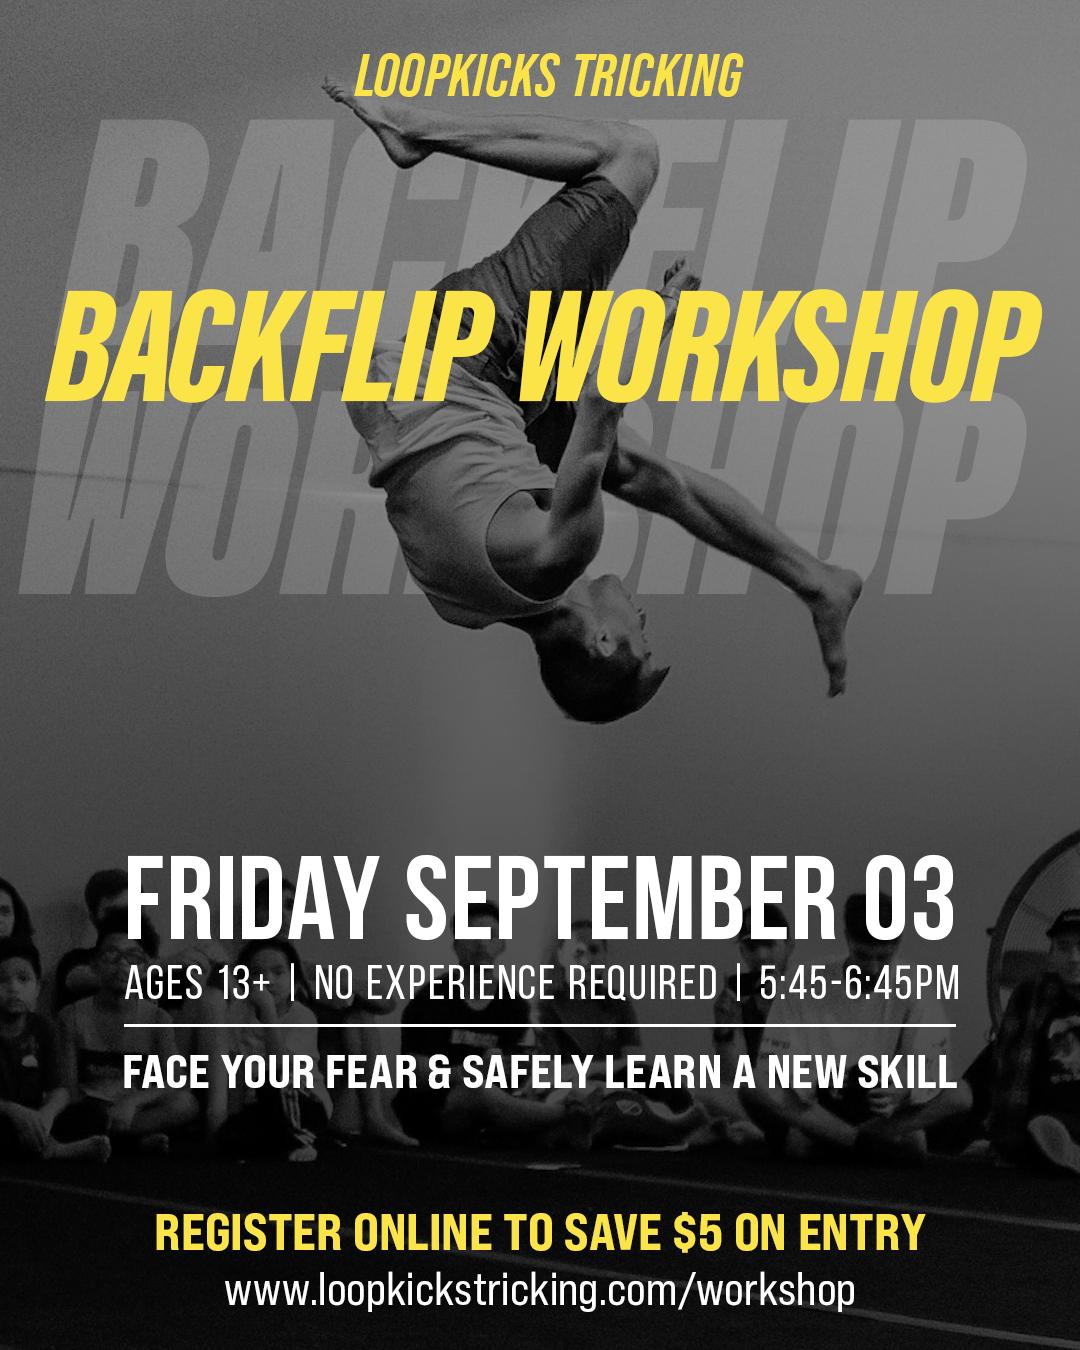 Backflip Workshop Flyer